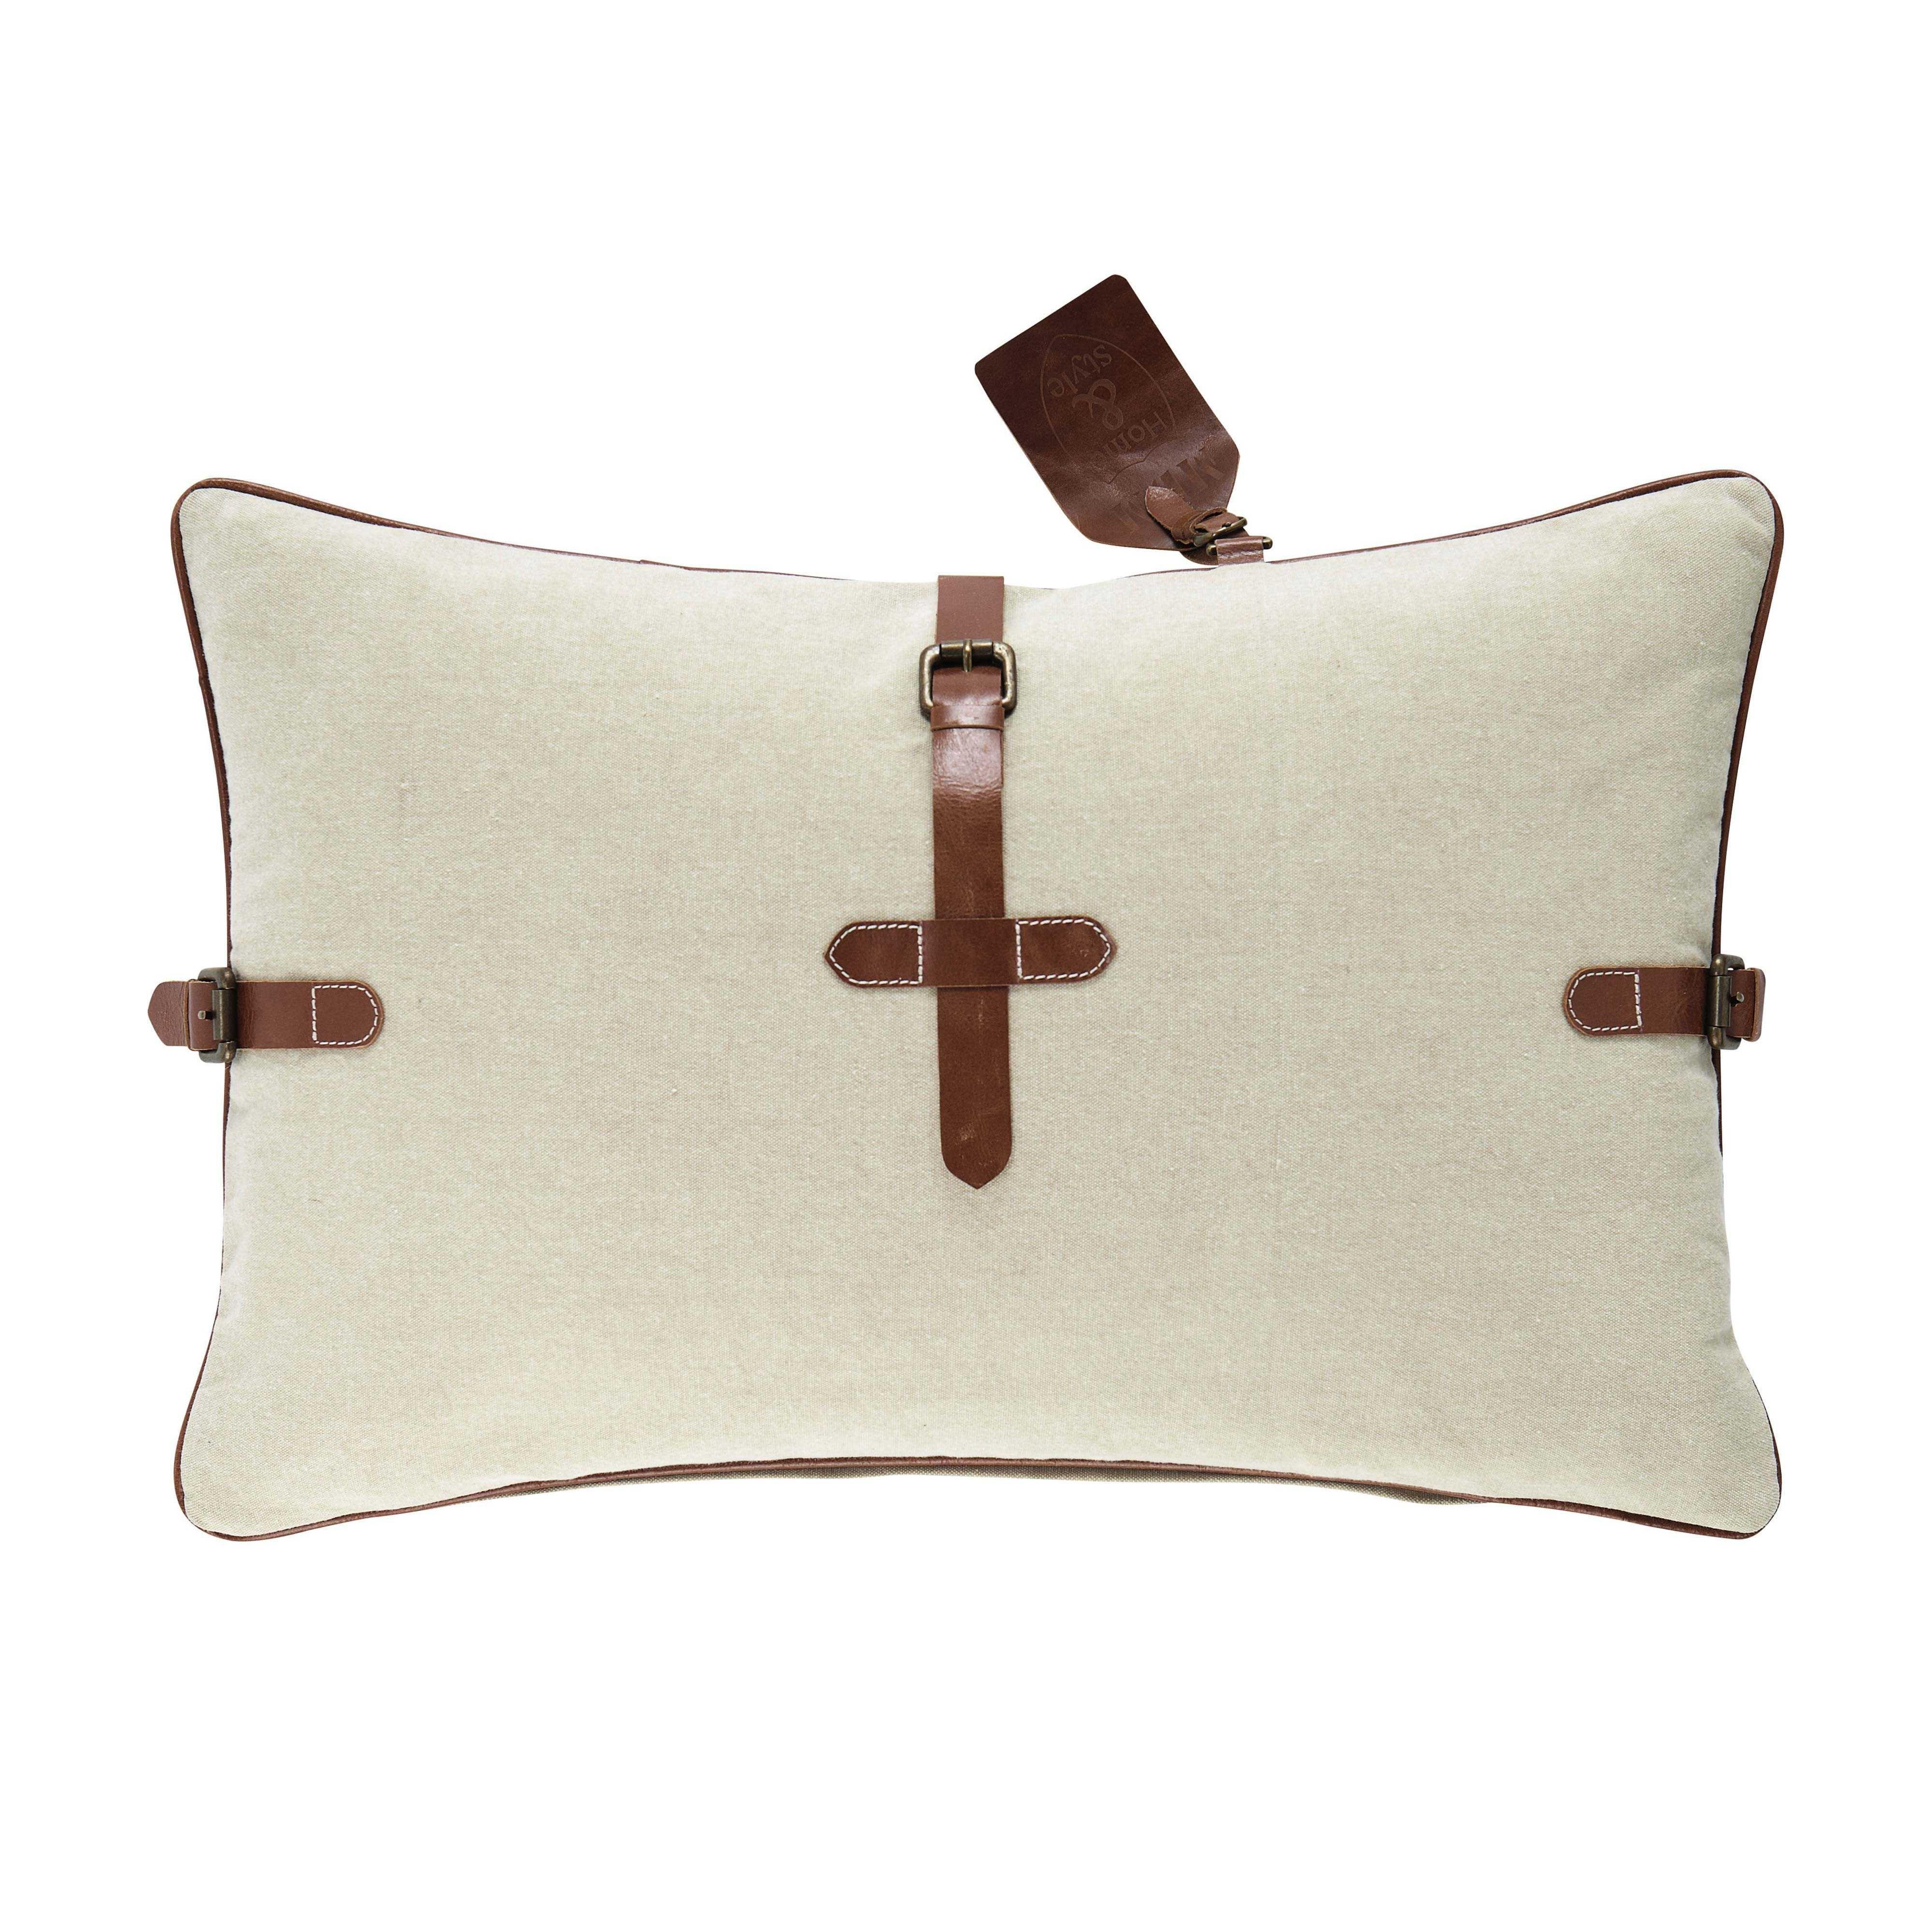 Cojín de algodón beis y marrón x cm montaigne maisons du